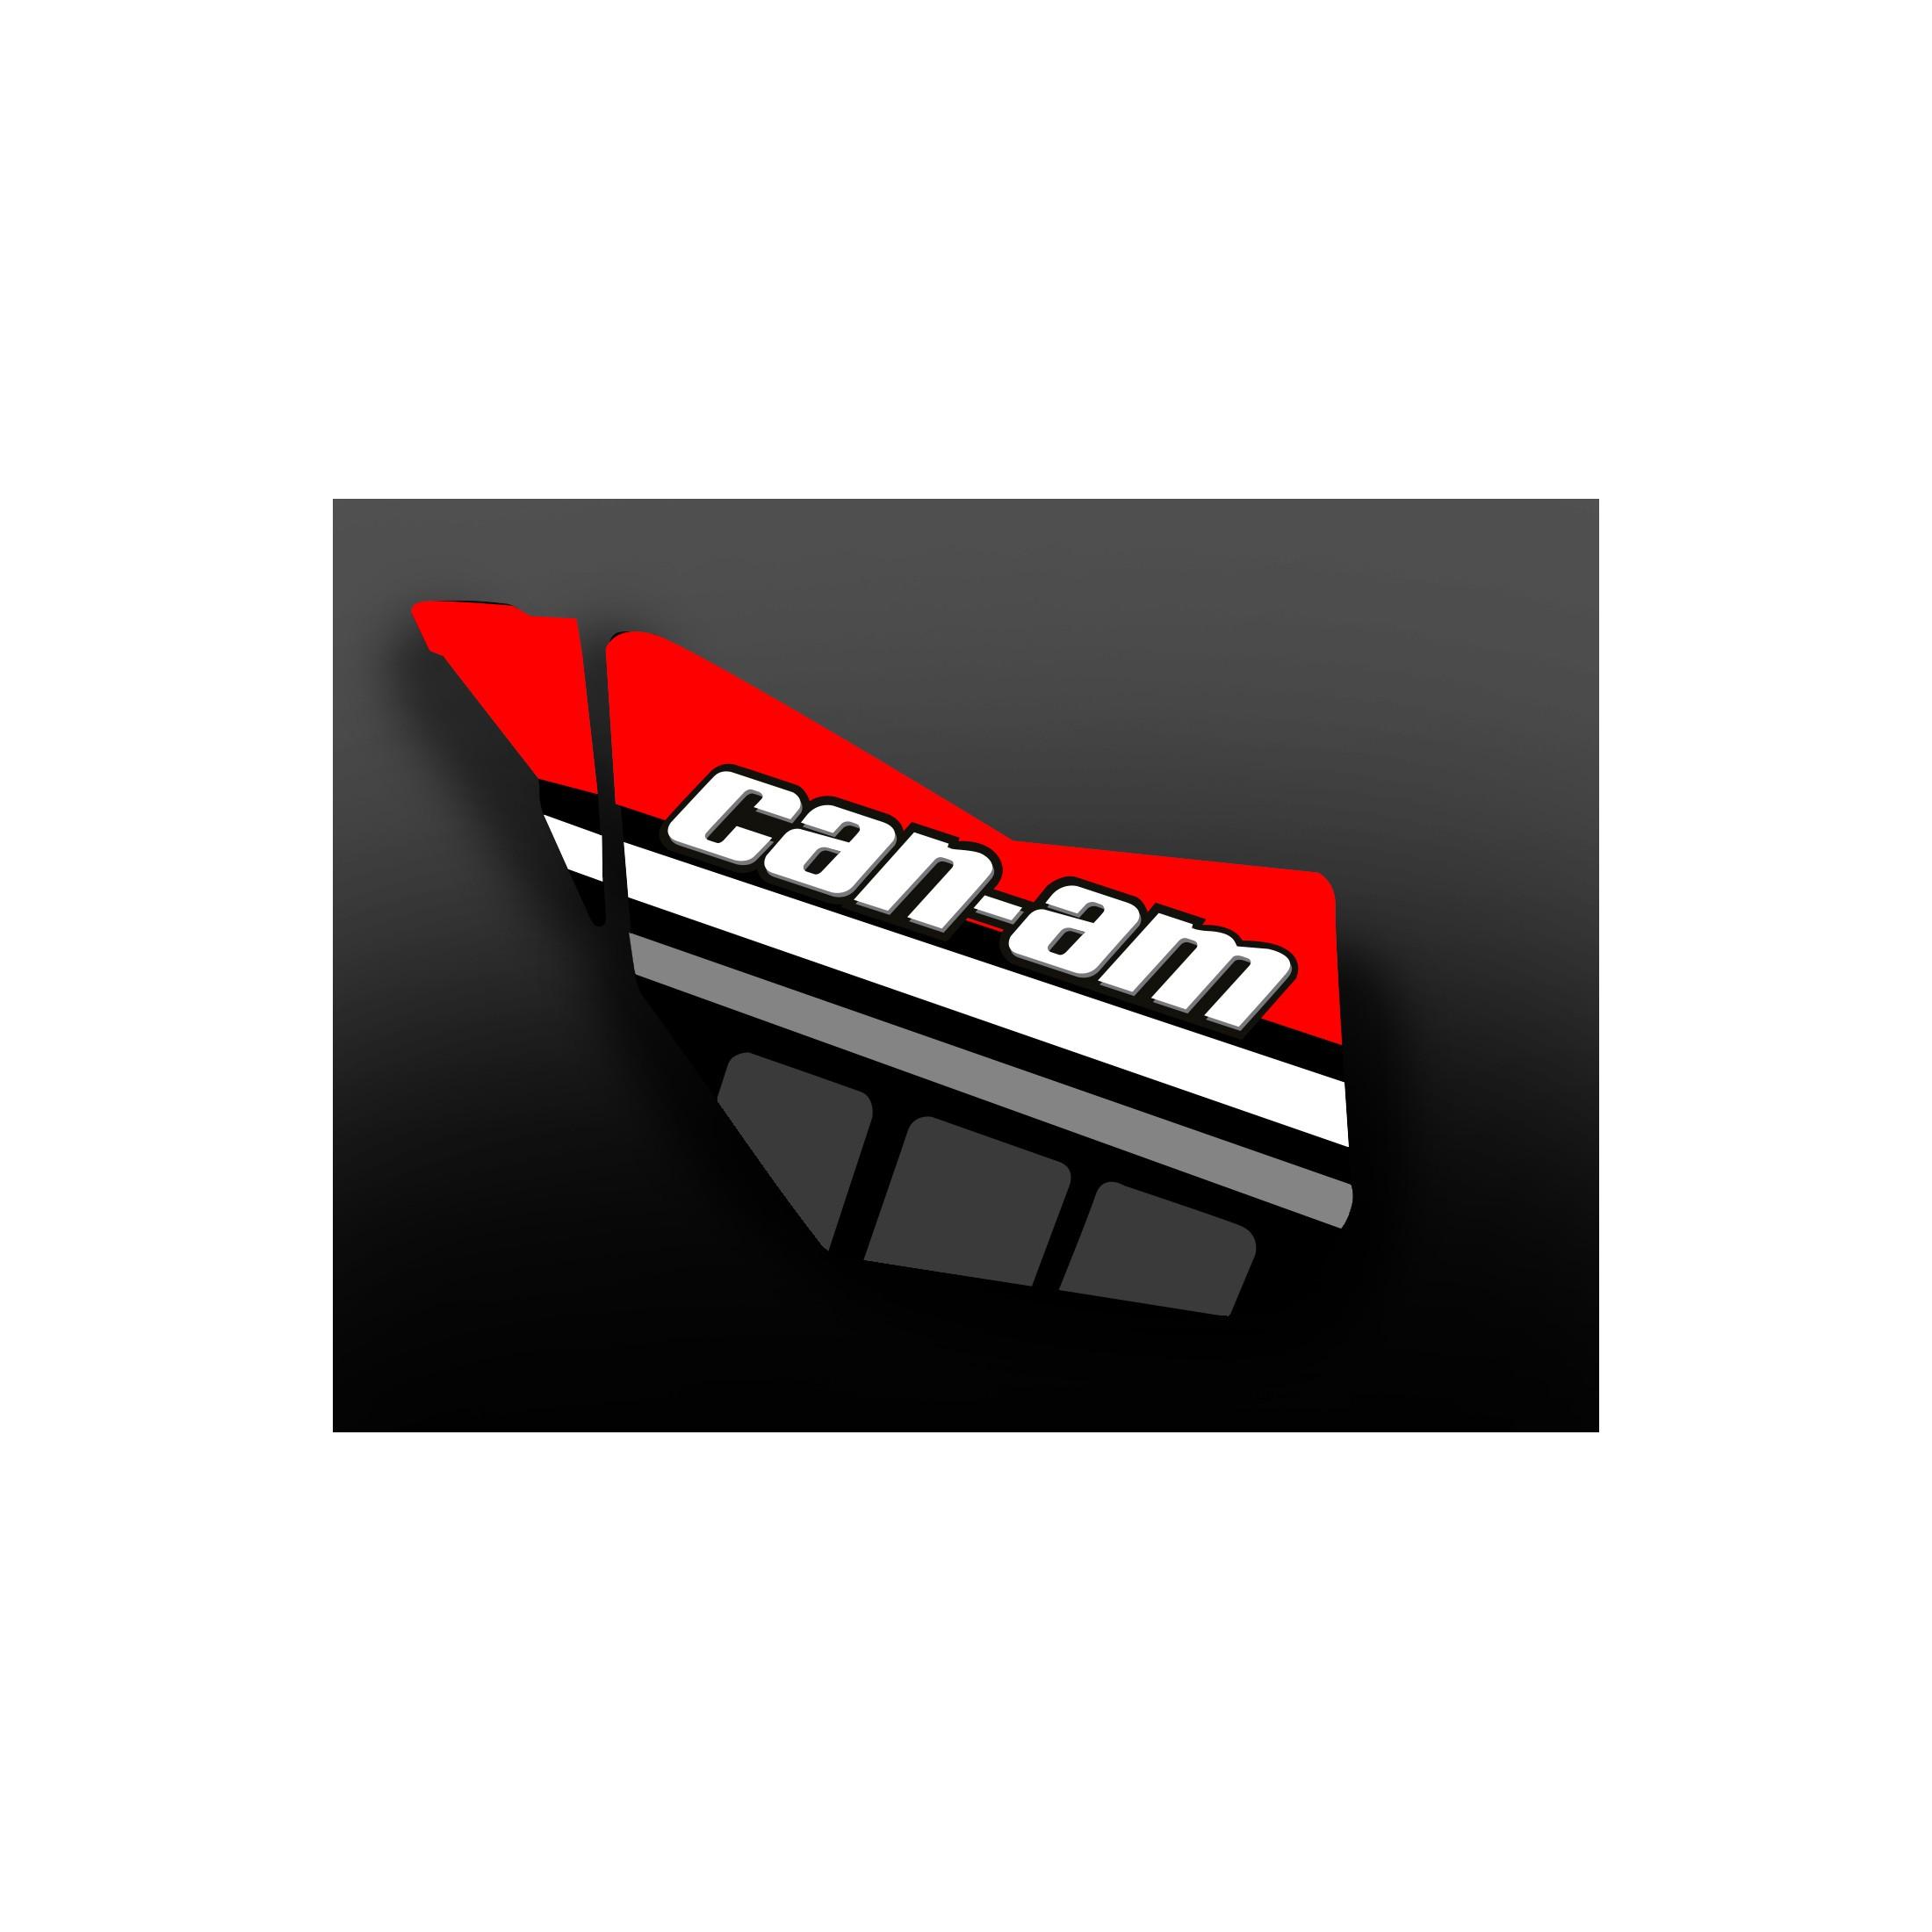 Kit d coration porte origine race edition rouge for Decoration porte rouge